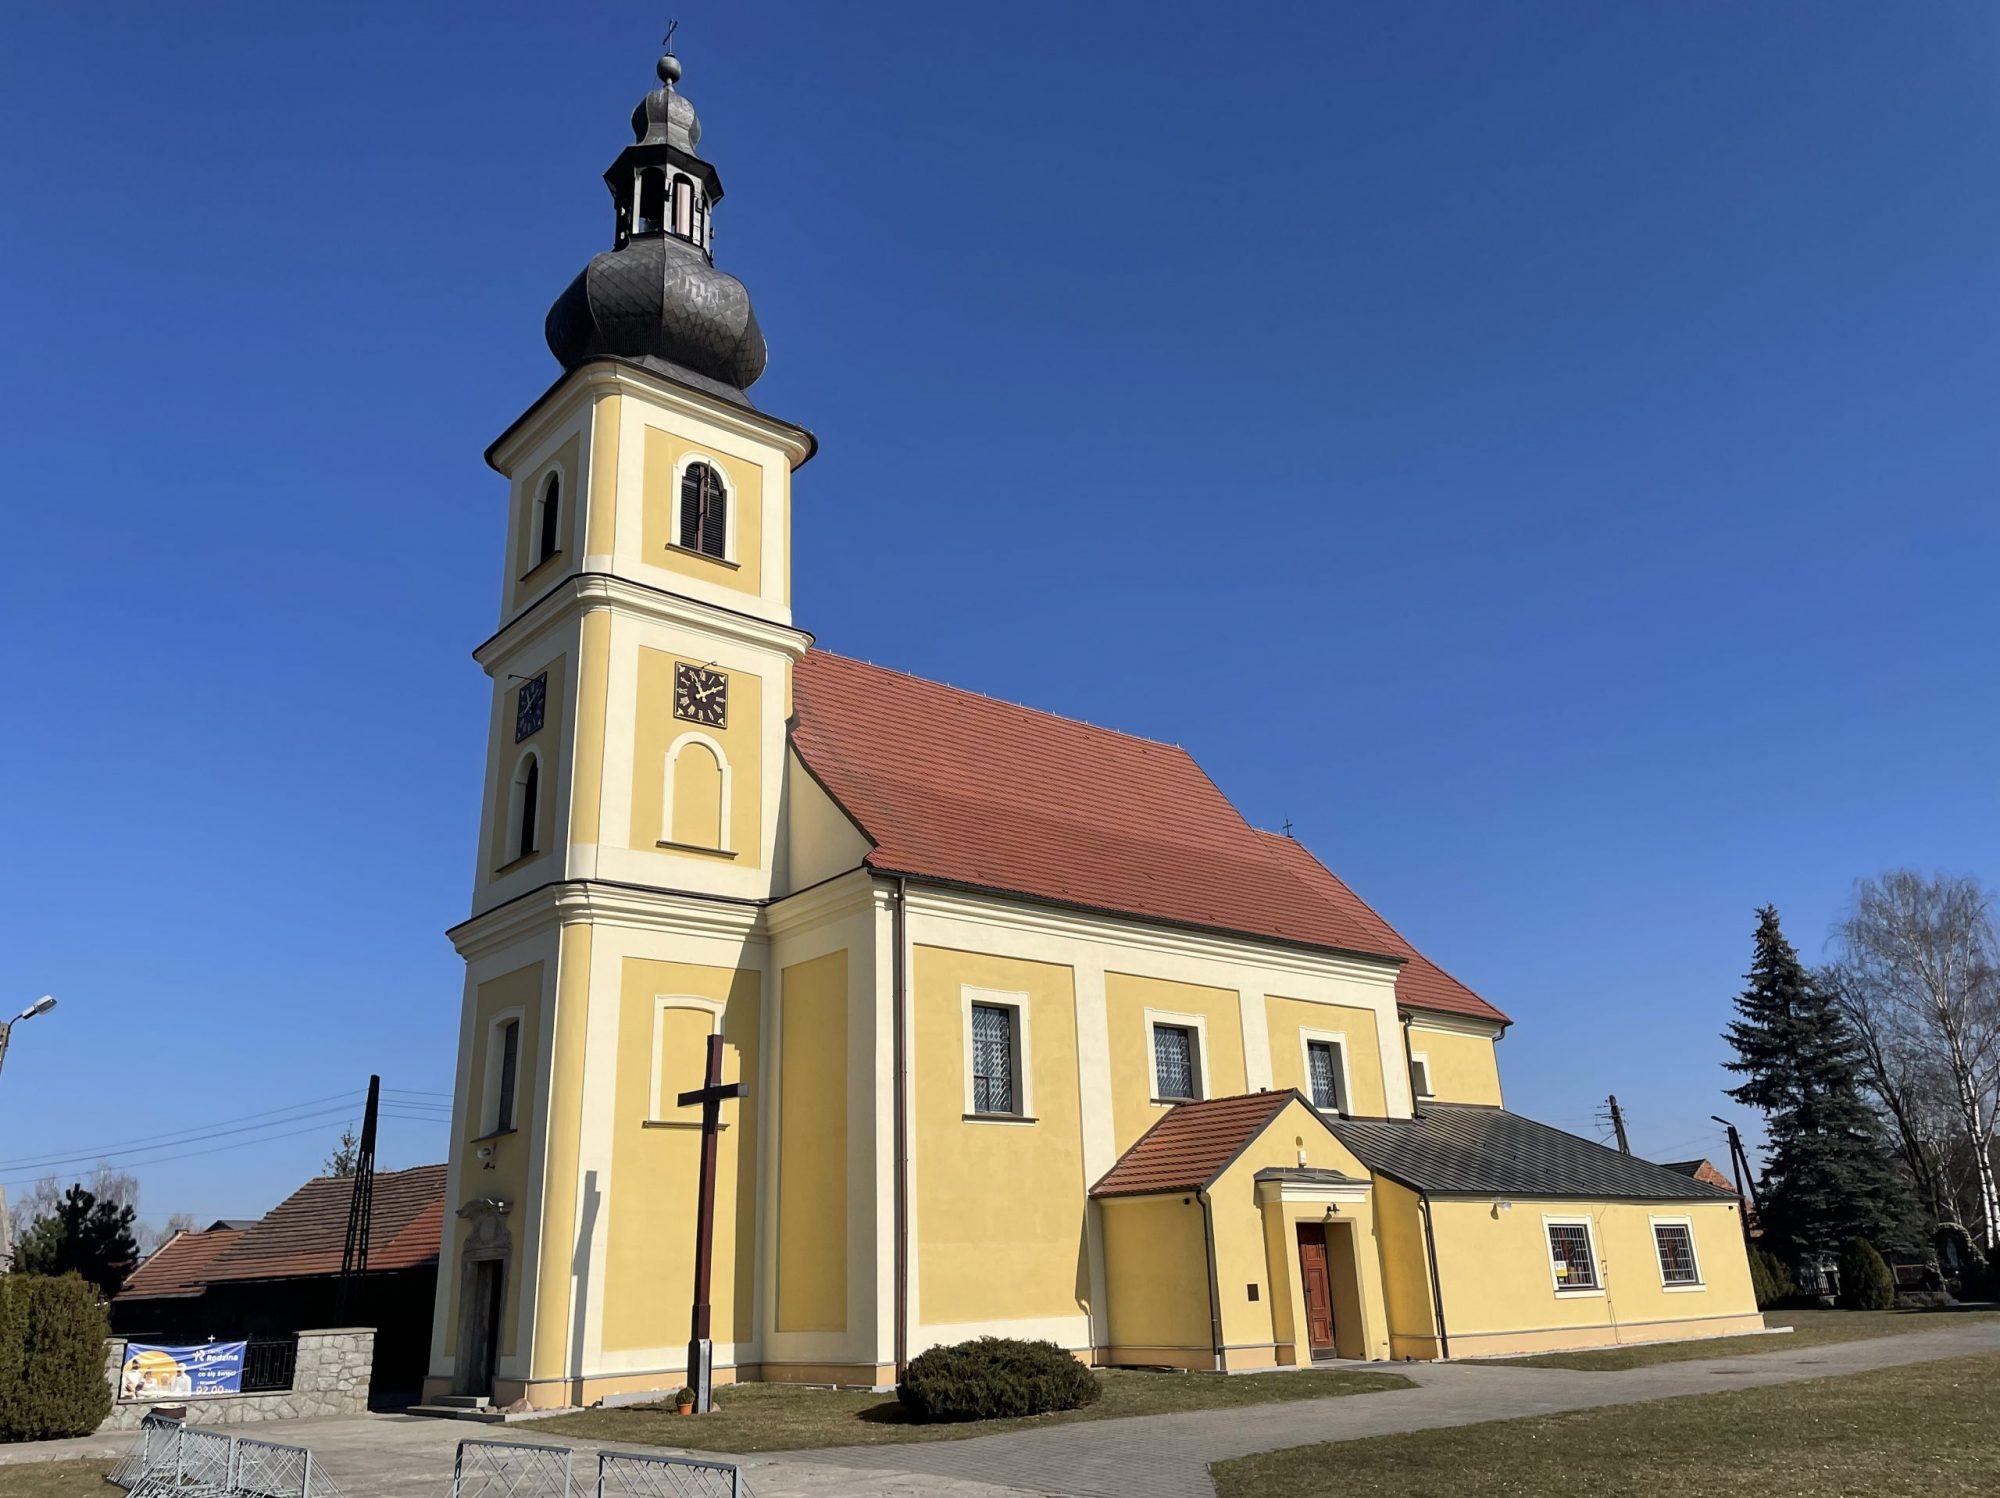 Parafia św. Michała Archanioła w Długołęce